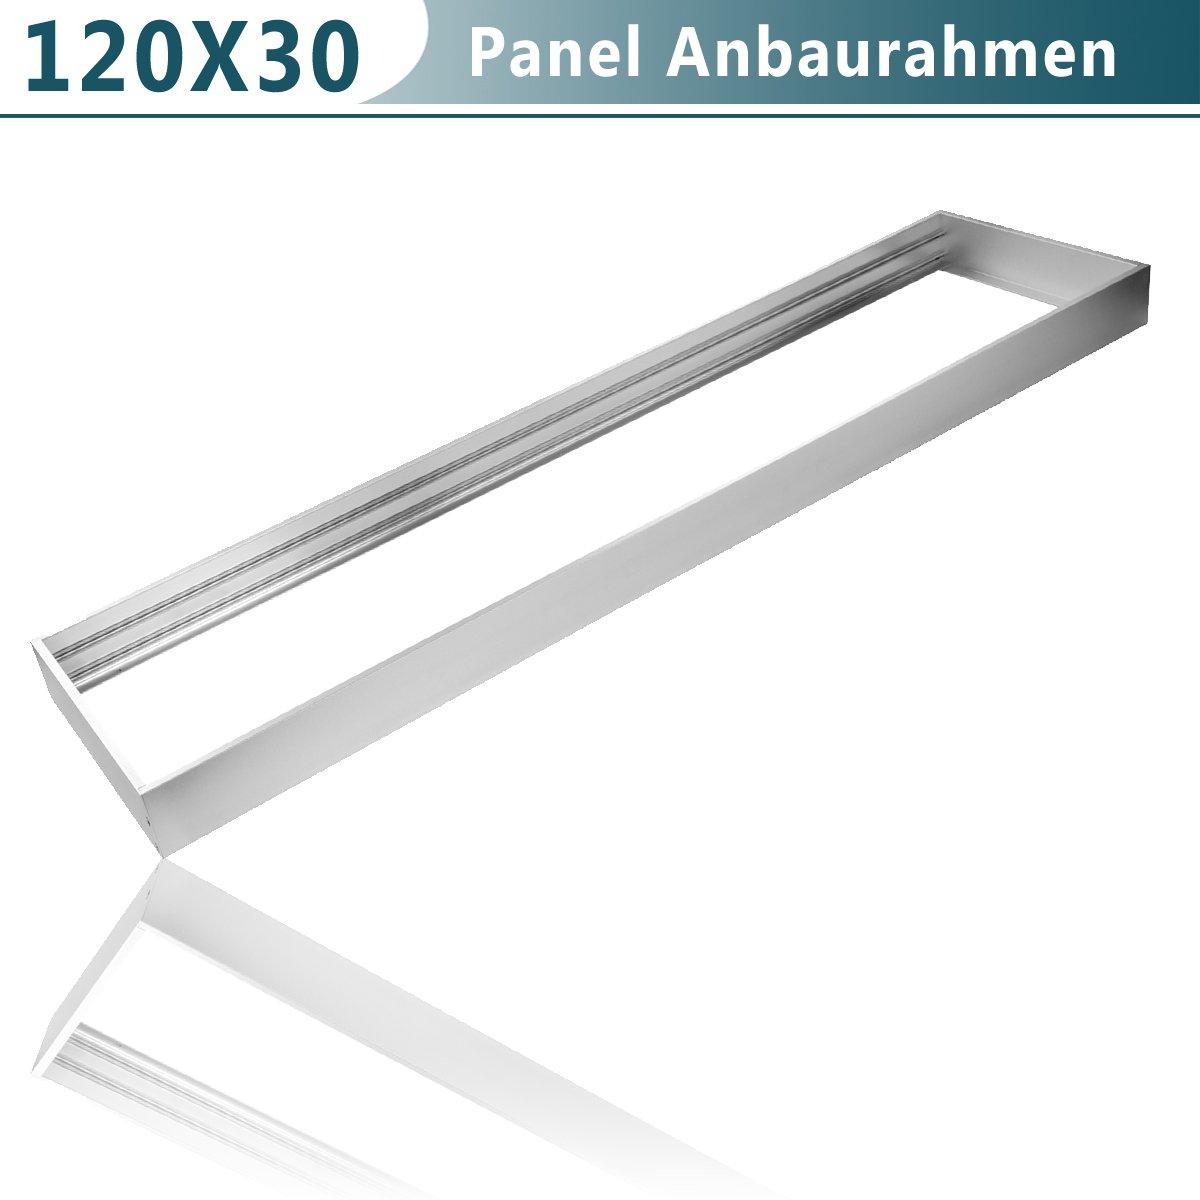 LED Panel Aufbaurahmen/Aufputz-Rahmen für Wand- und Deckenmontage, 120x30cm, Aluminium Silber Achollo